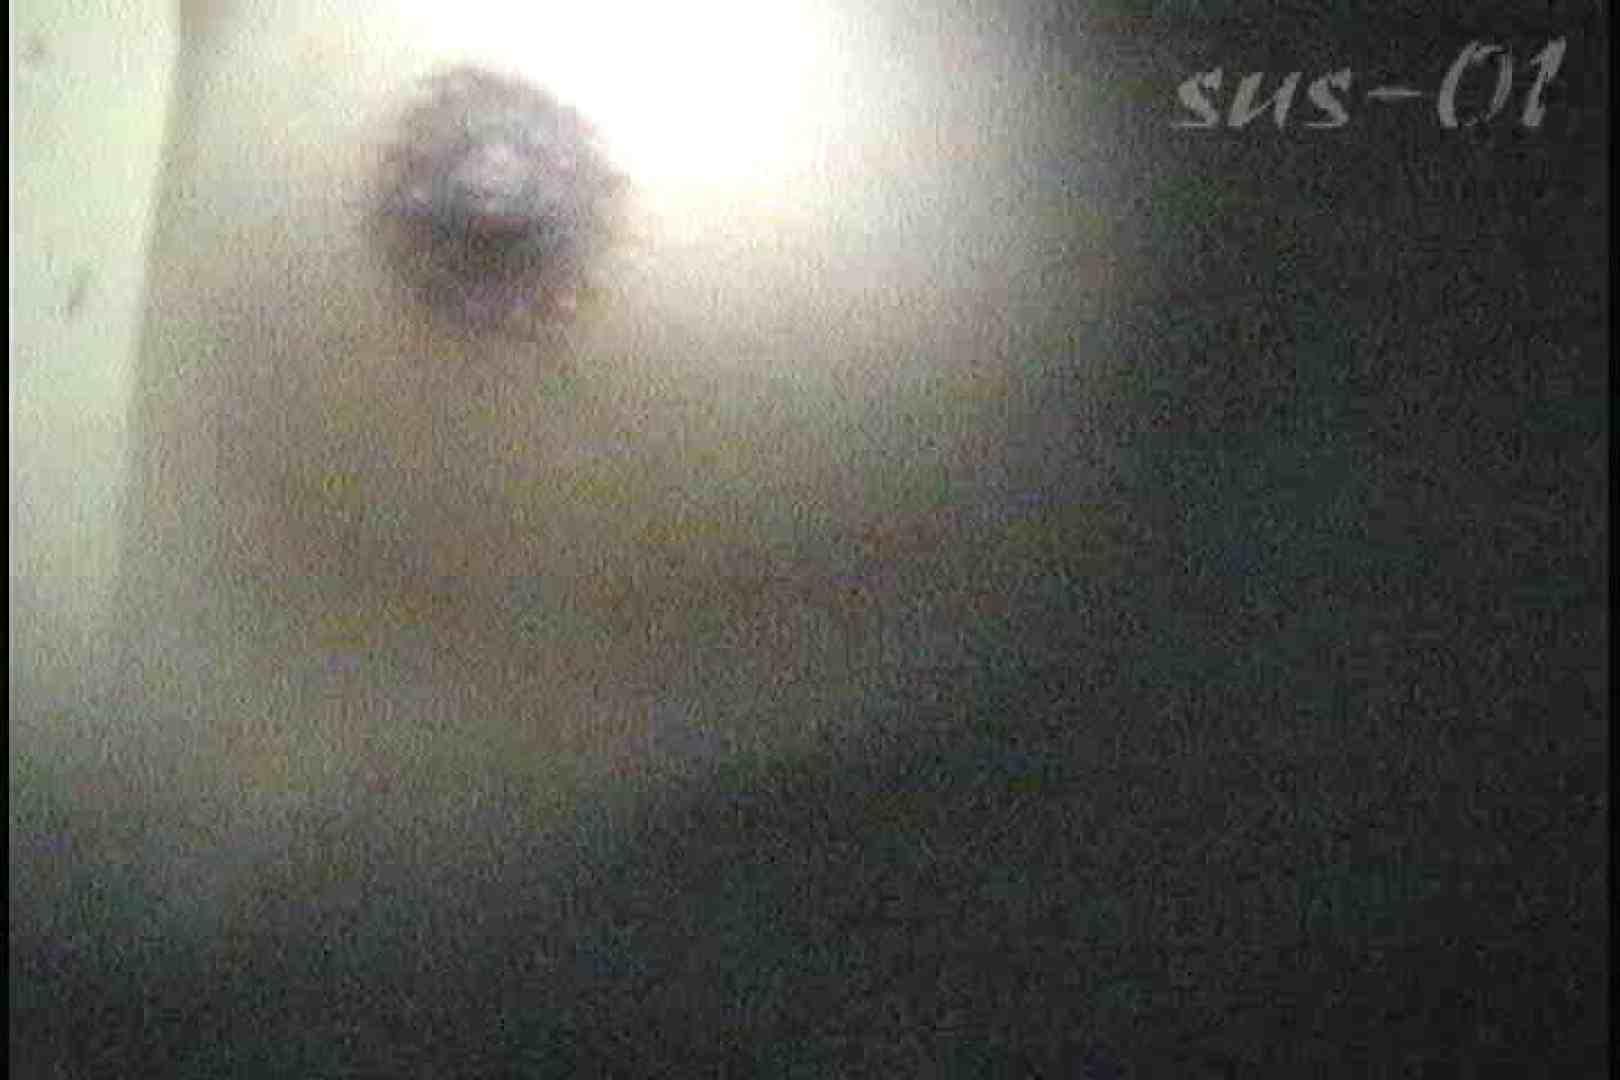 サターンさんのウル技炸裂!!夏乙女★海の家シャワー室絵巻 Vol.01 シャワー  92PIX 59